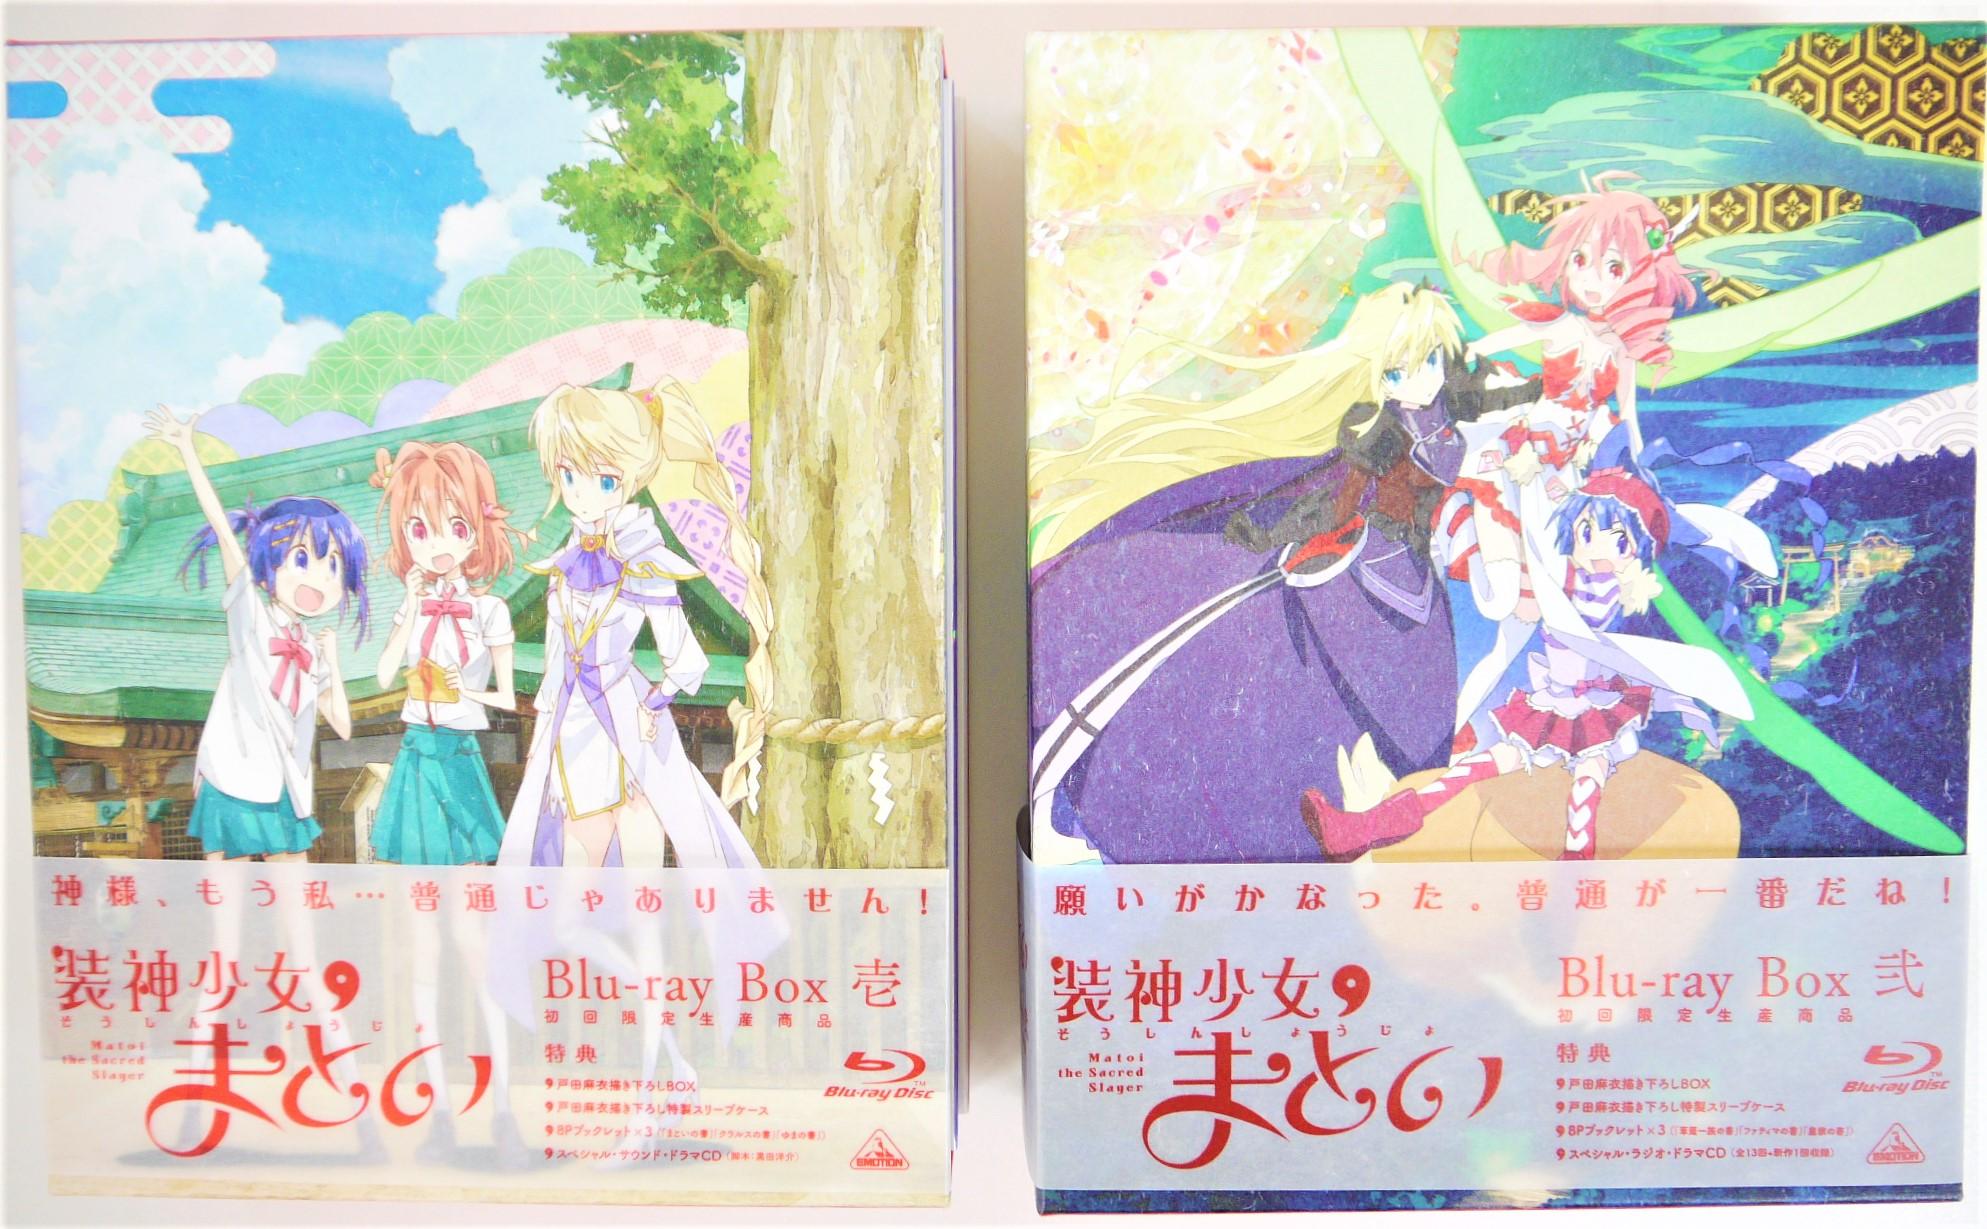 装神少女まとい BD-BOX全2巻セット高価買取しました!